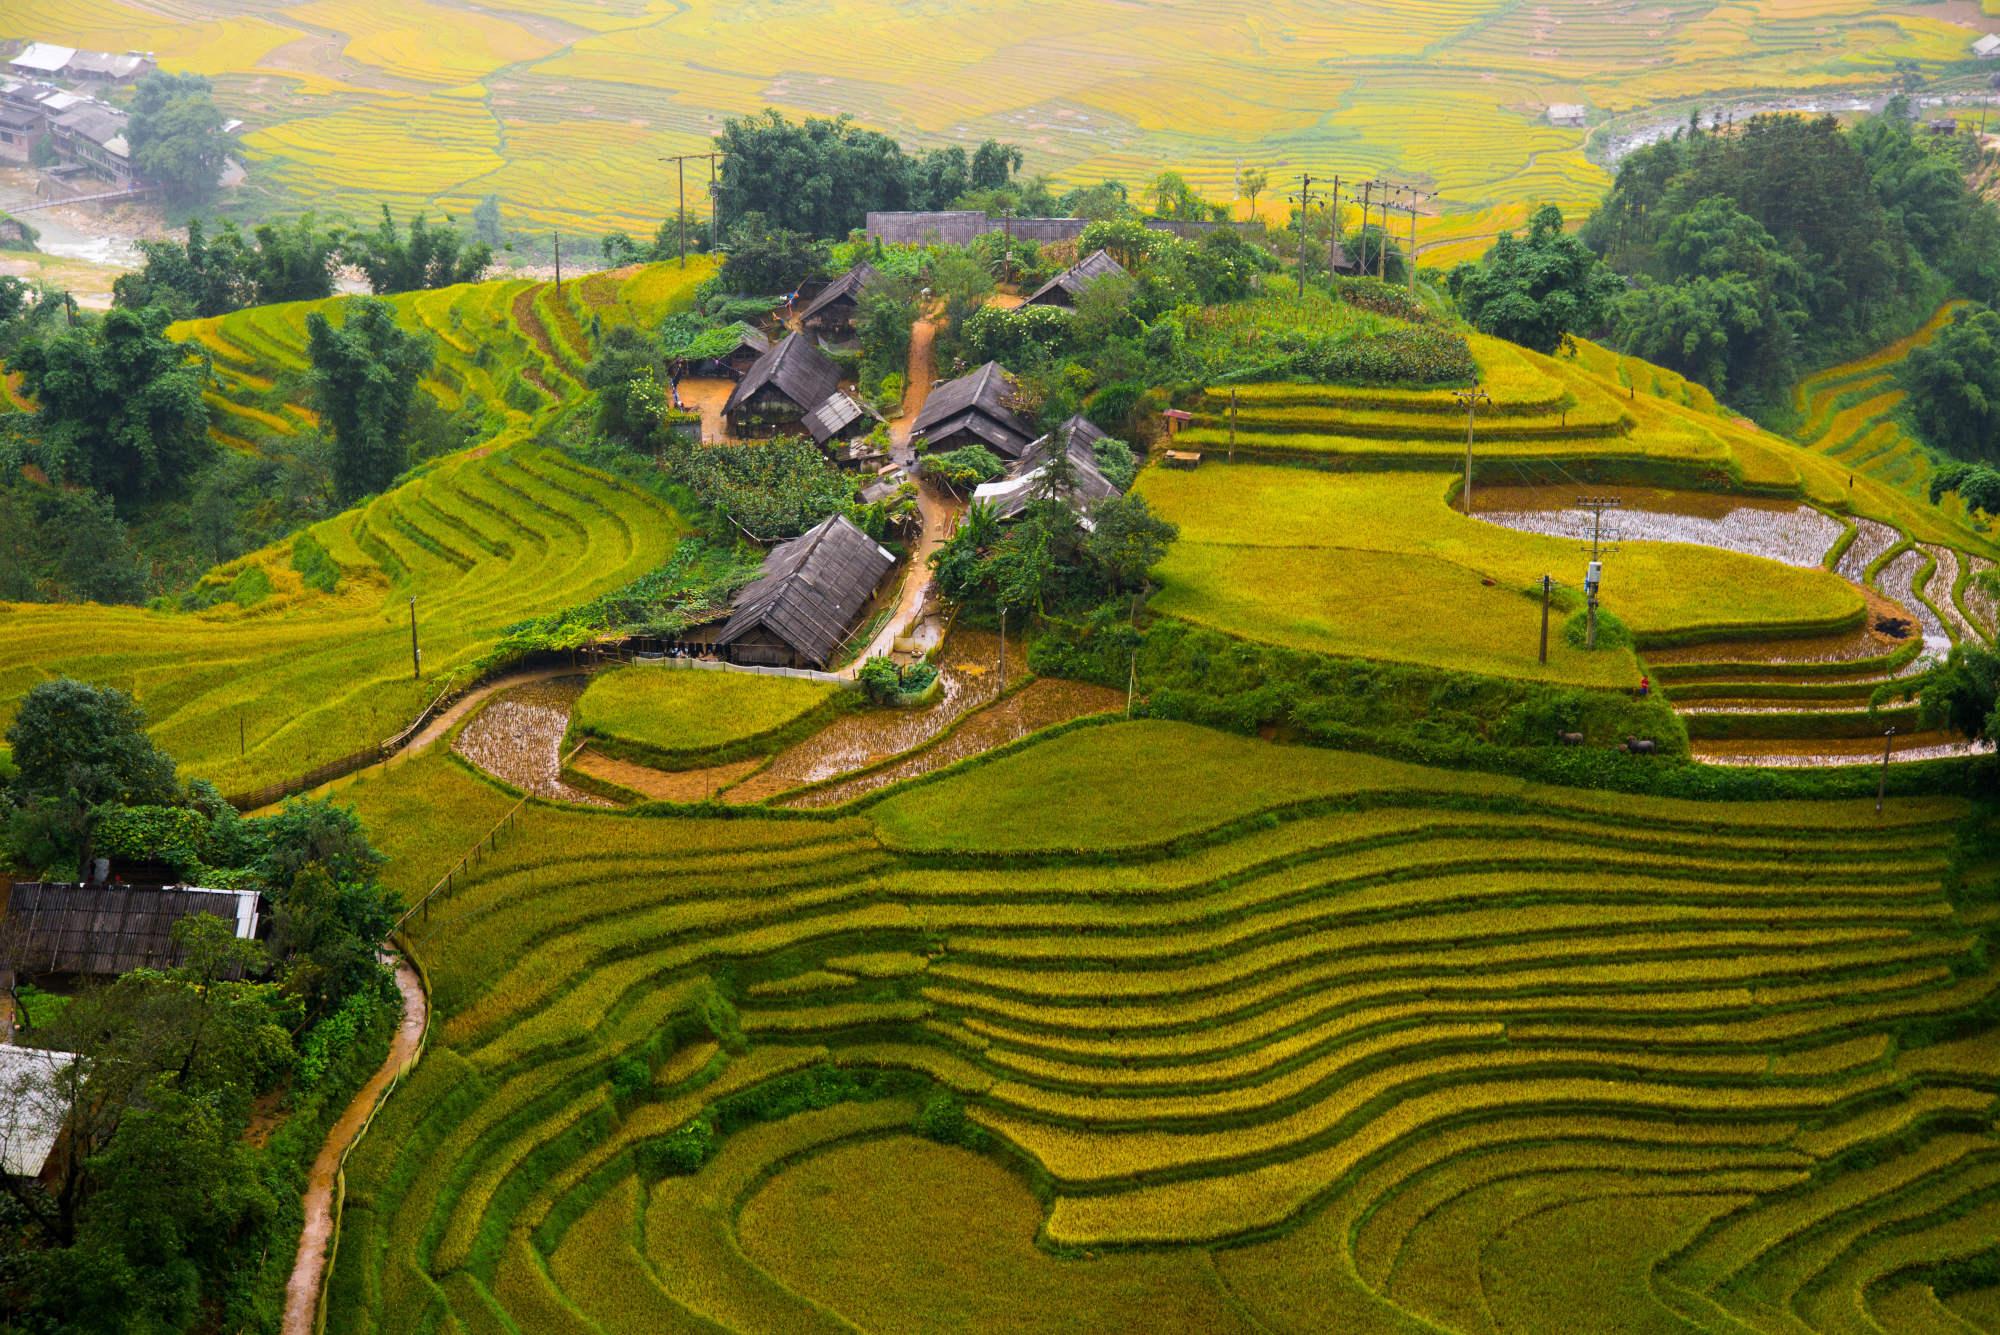 אזור כפרי בויאטנם הנקרא סאפה